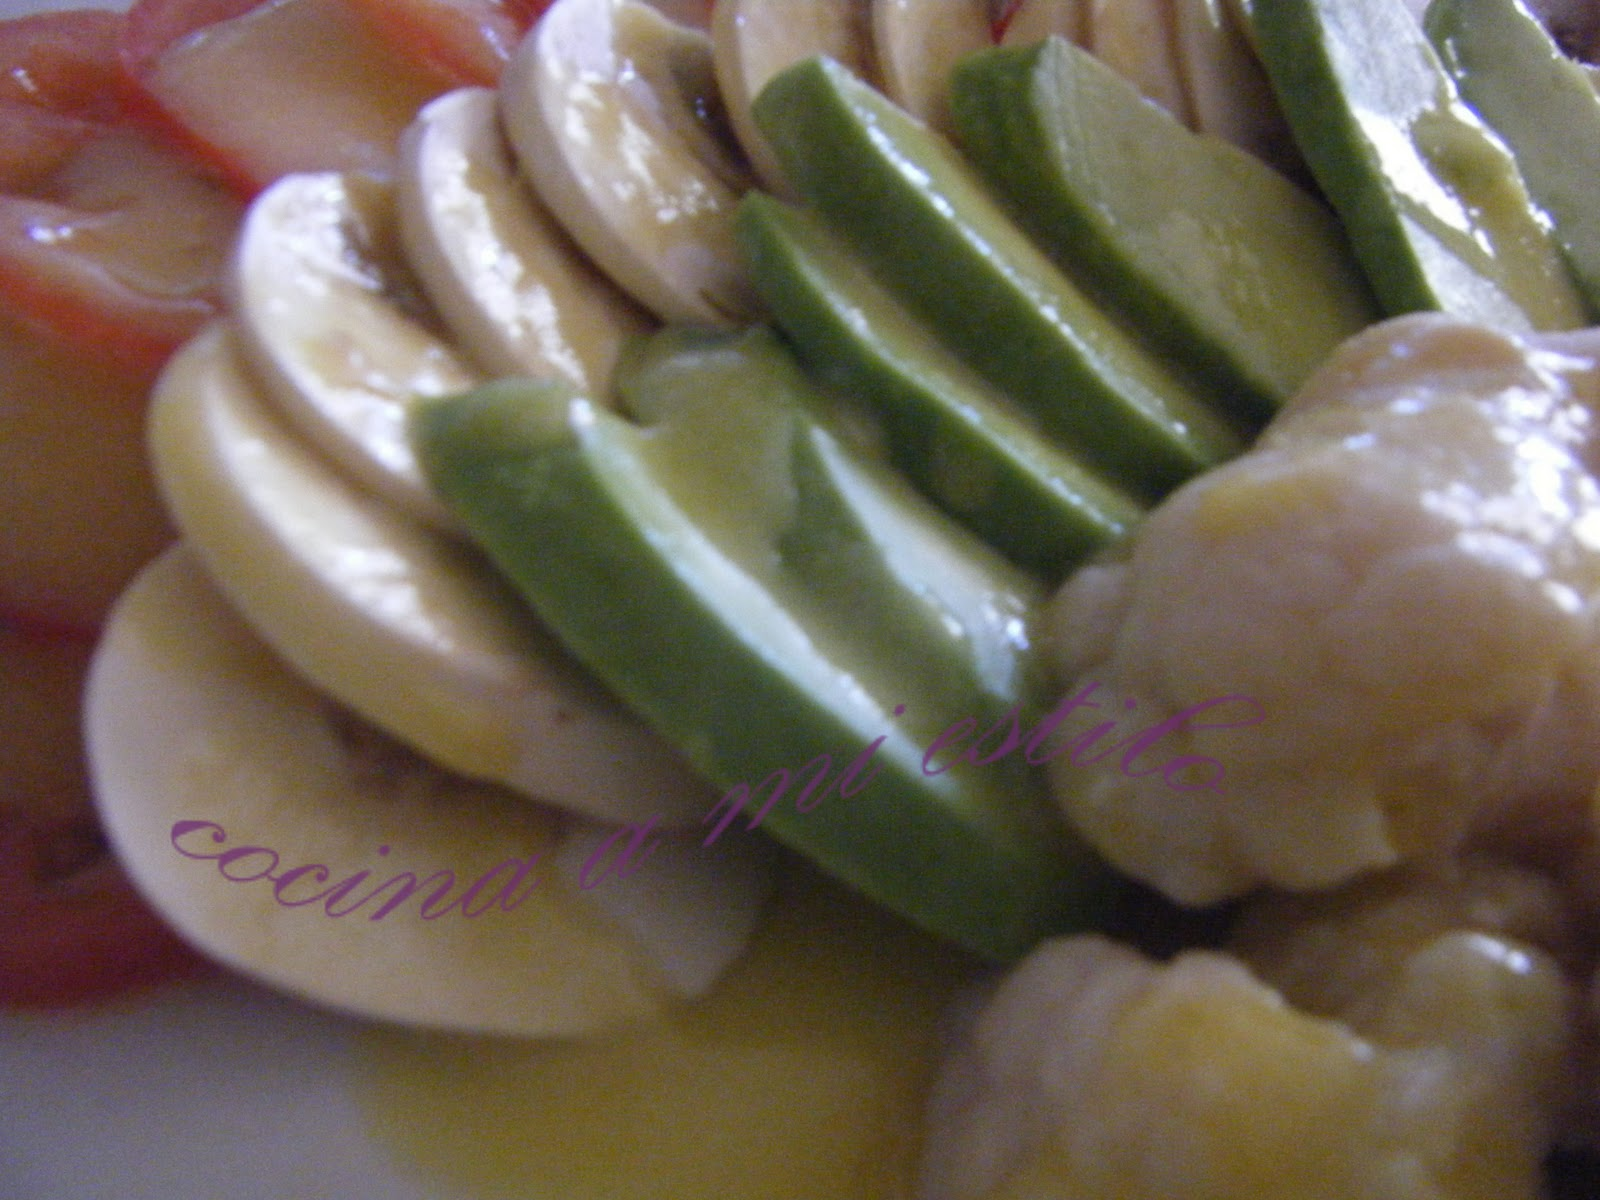 cocina a mi estilo: Ensalada de coliflor y aguacates con vinagreta ...